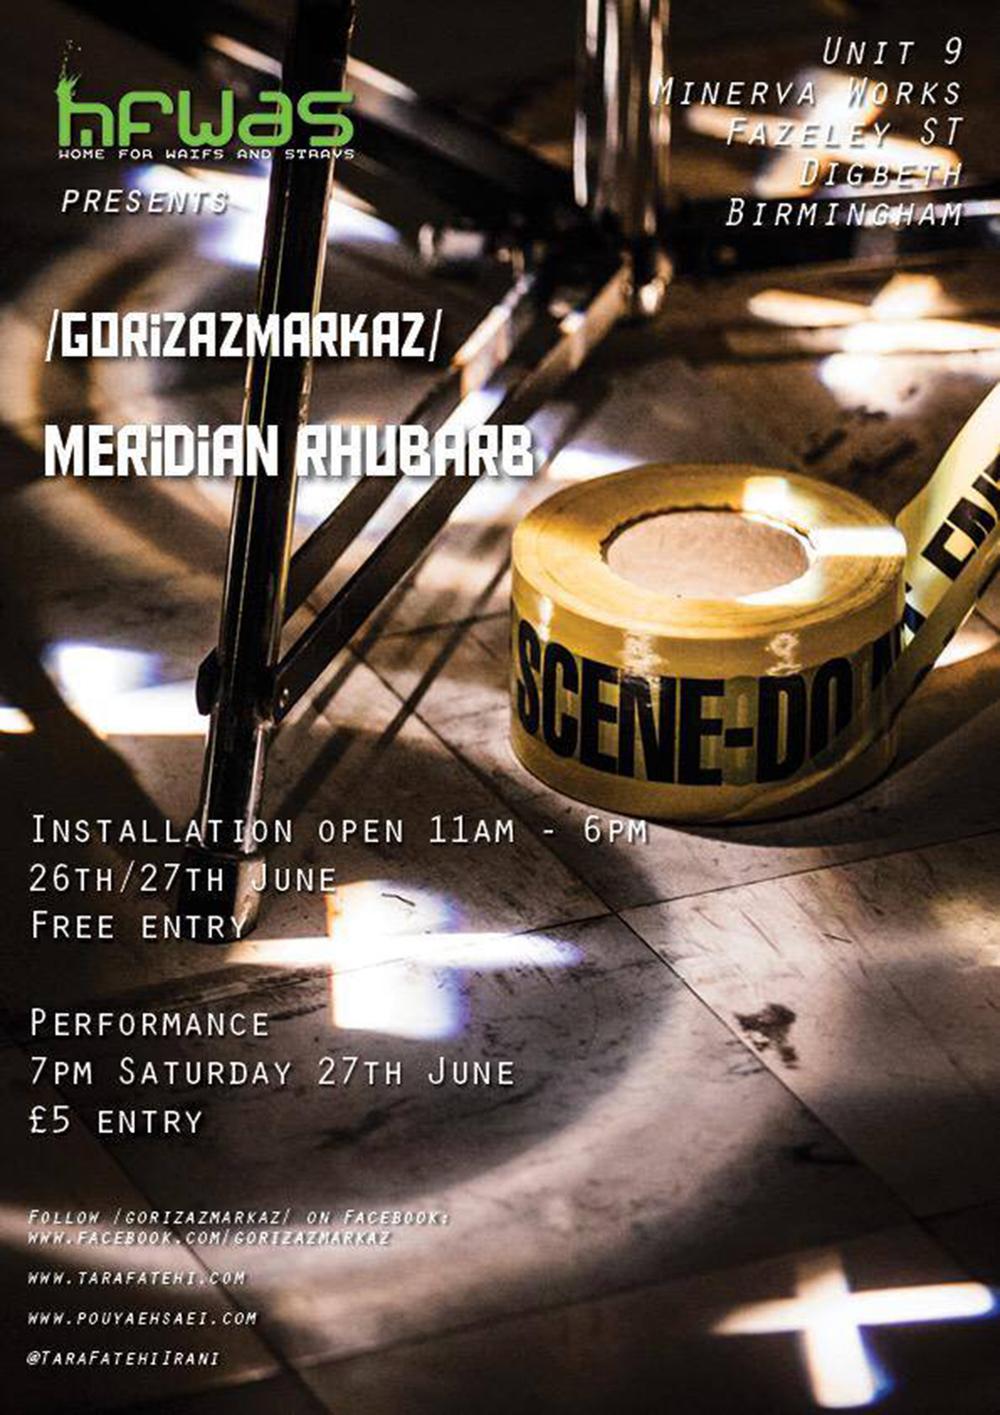 /gorizazmarkaz/ | Meridian Rhubarb